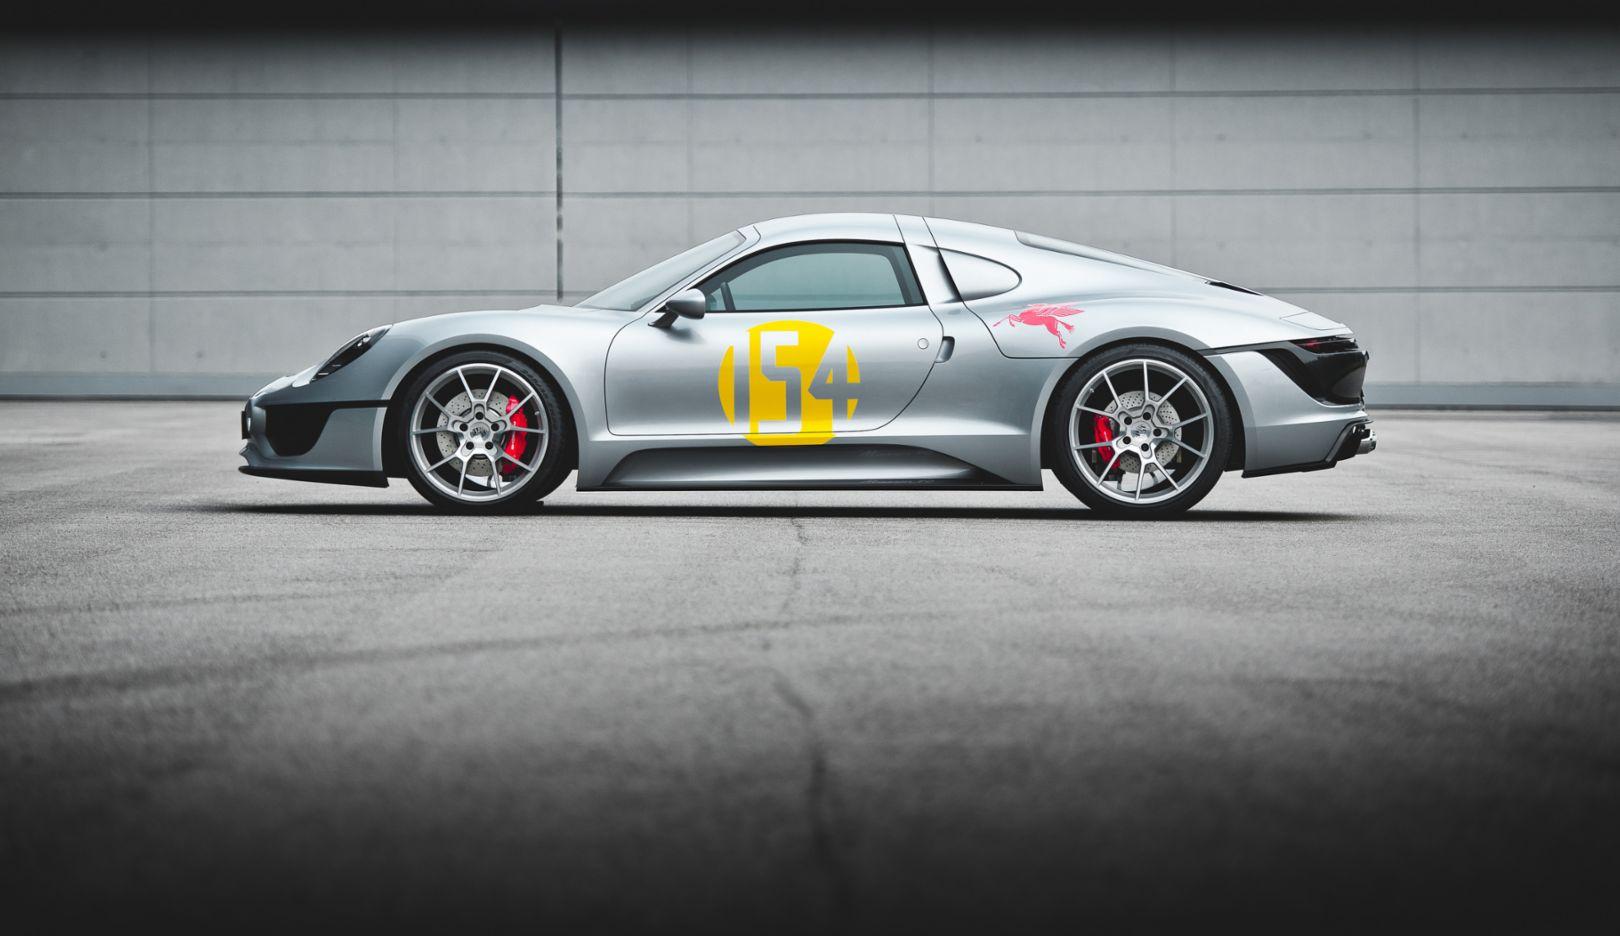 Porsche Unseen: Spin-Offs - Image 5